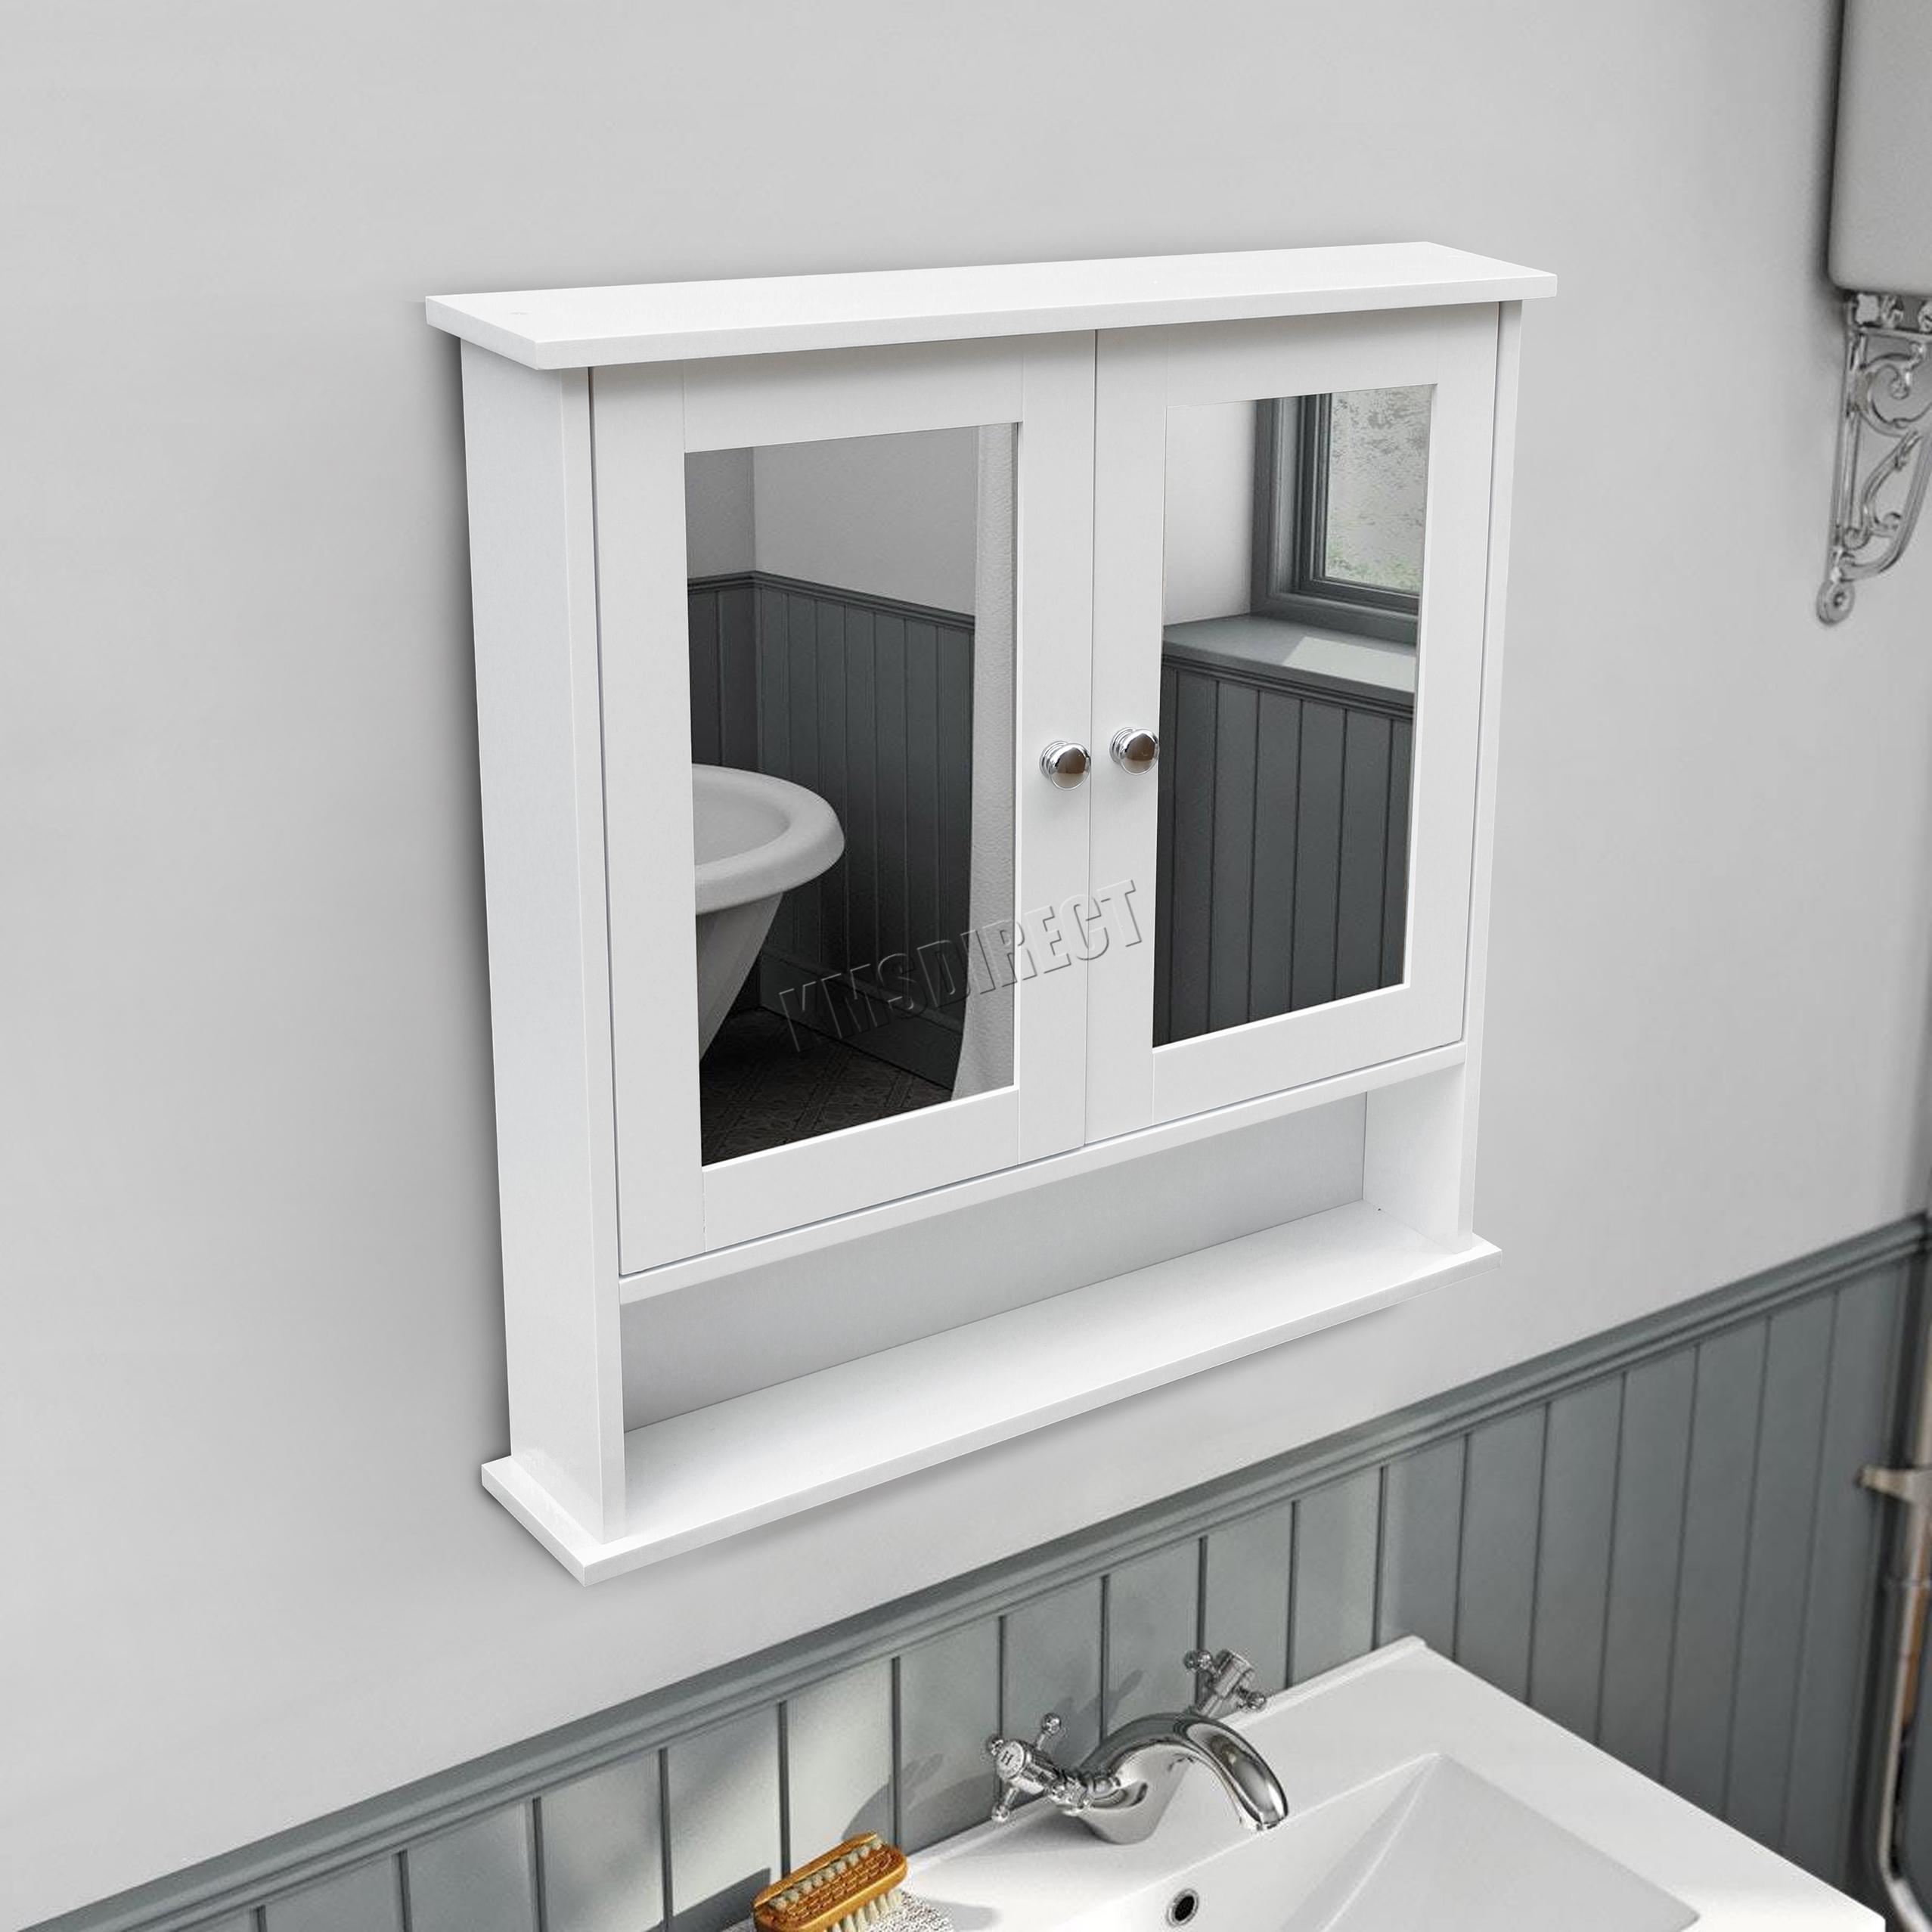 Foxhunter support mural miroir meuble salle bain unit for Support miroir mural